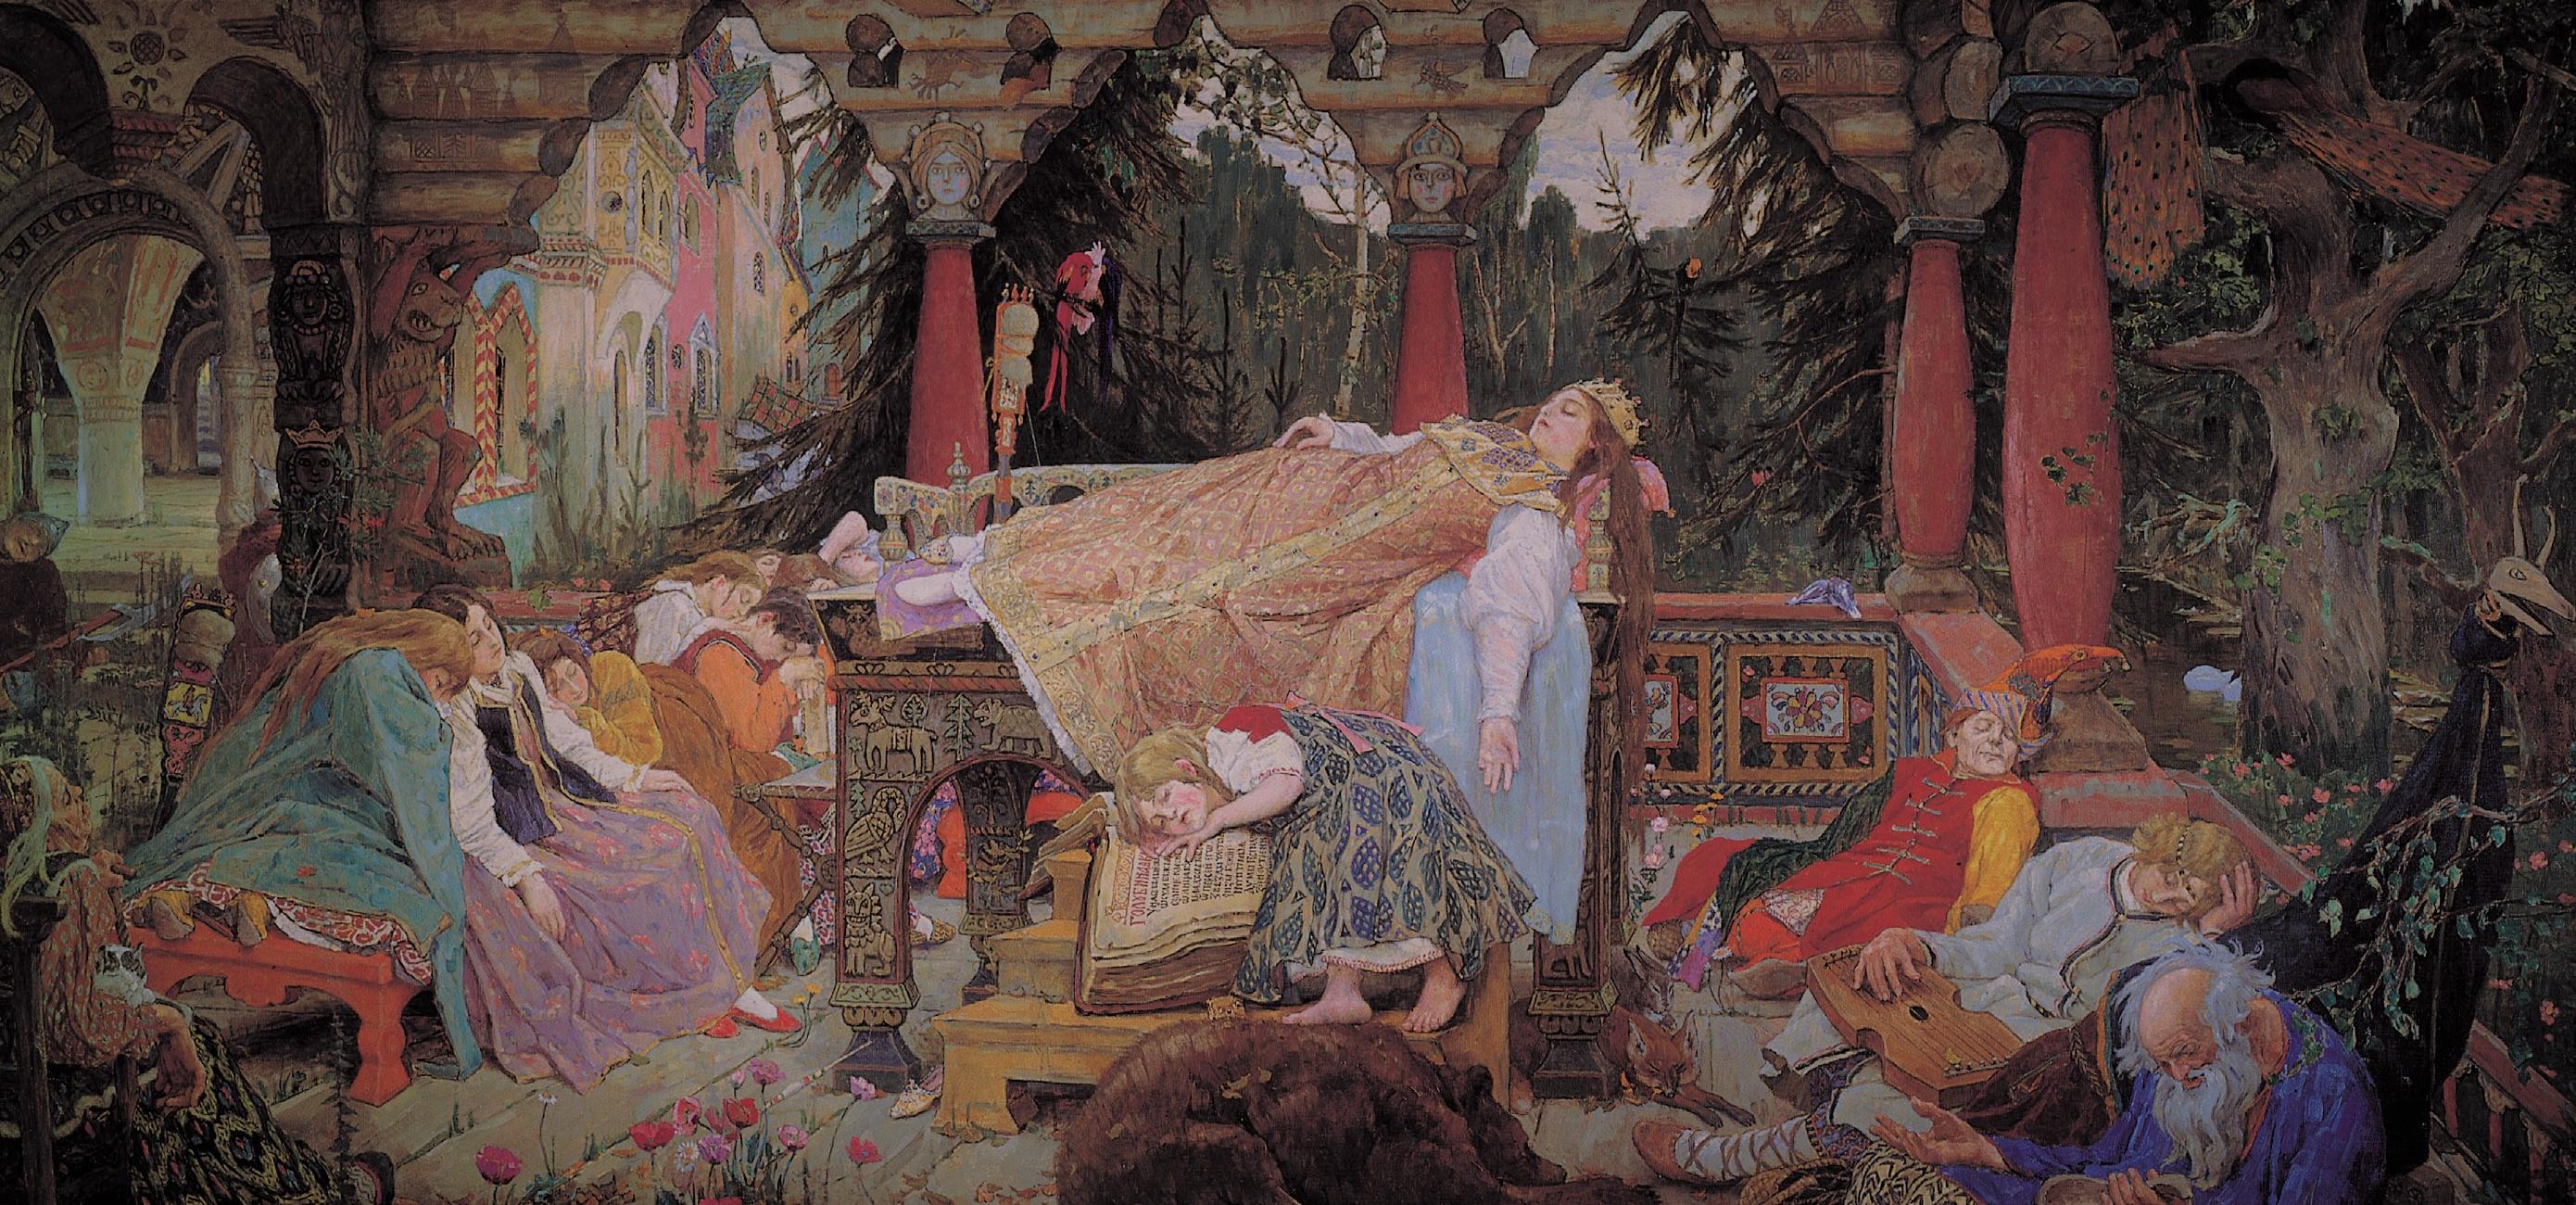 Краткое содержание спящая царевна